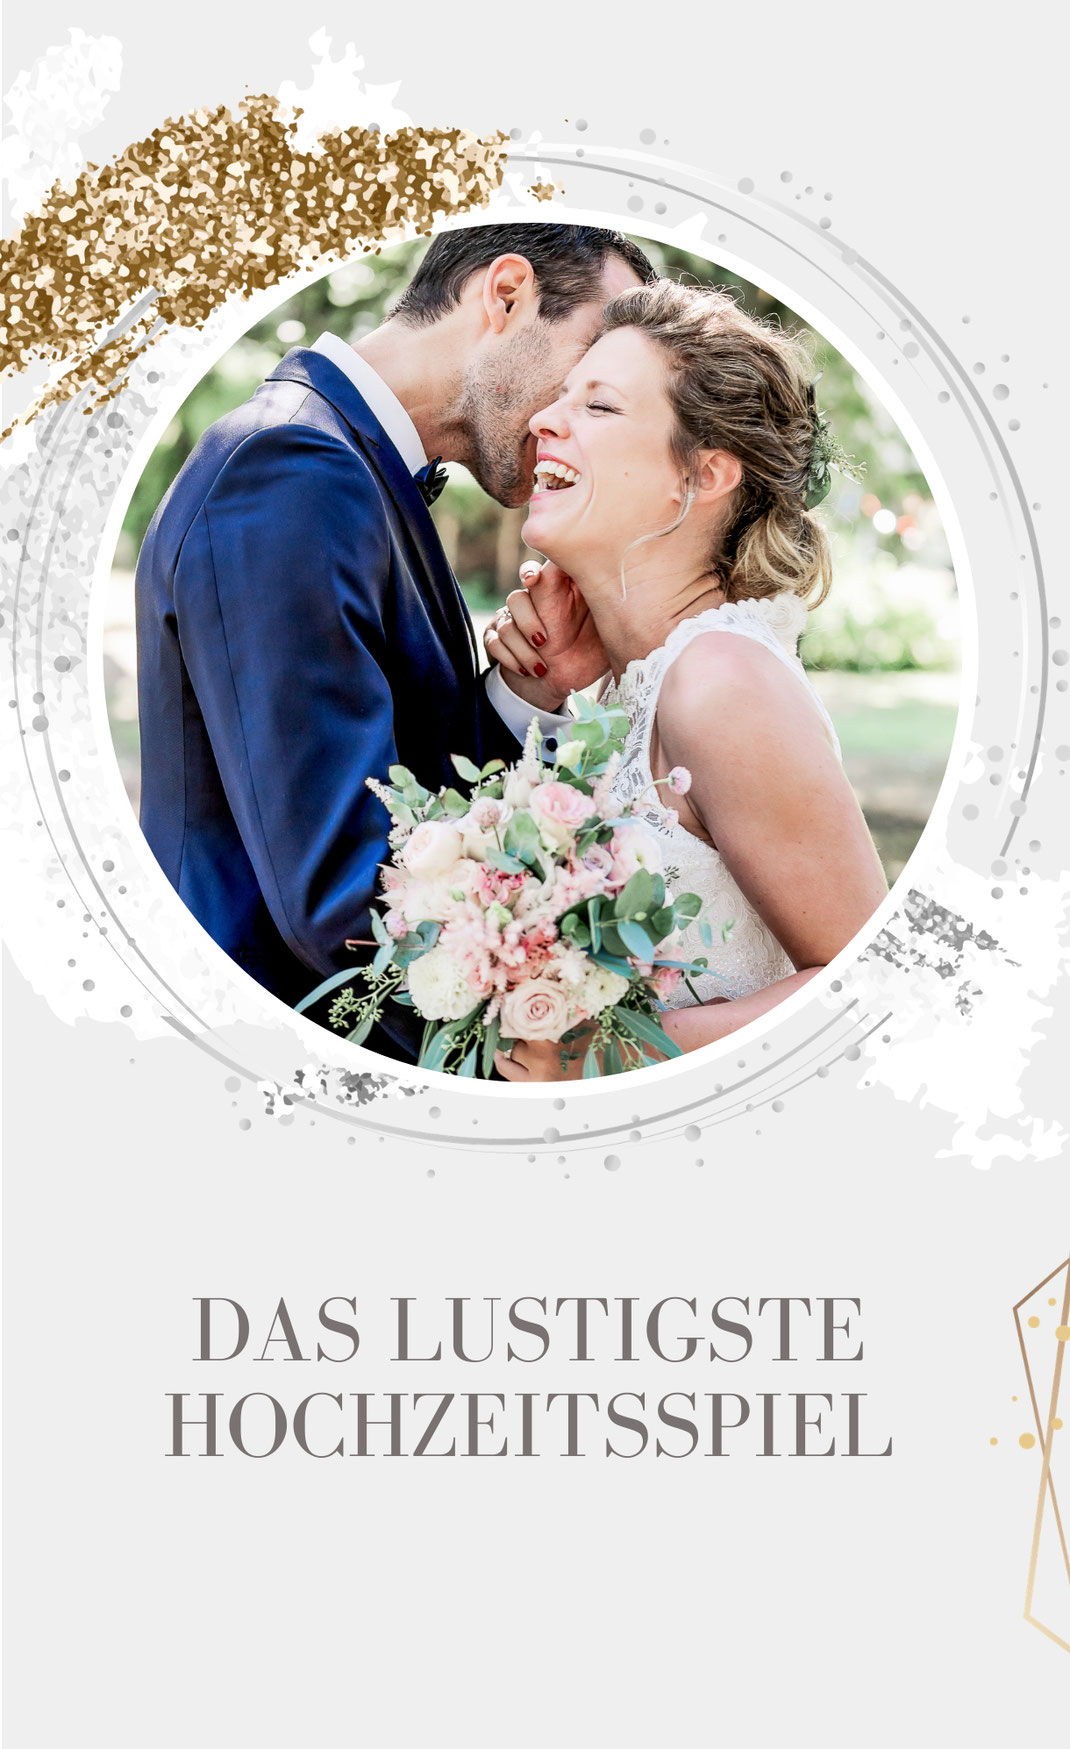 Hochzeitsfotograf Hochzeitstipps Heidelberg Hochzeitsplanung